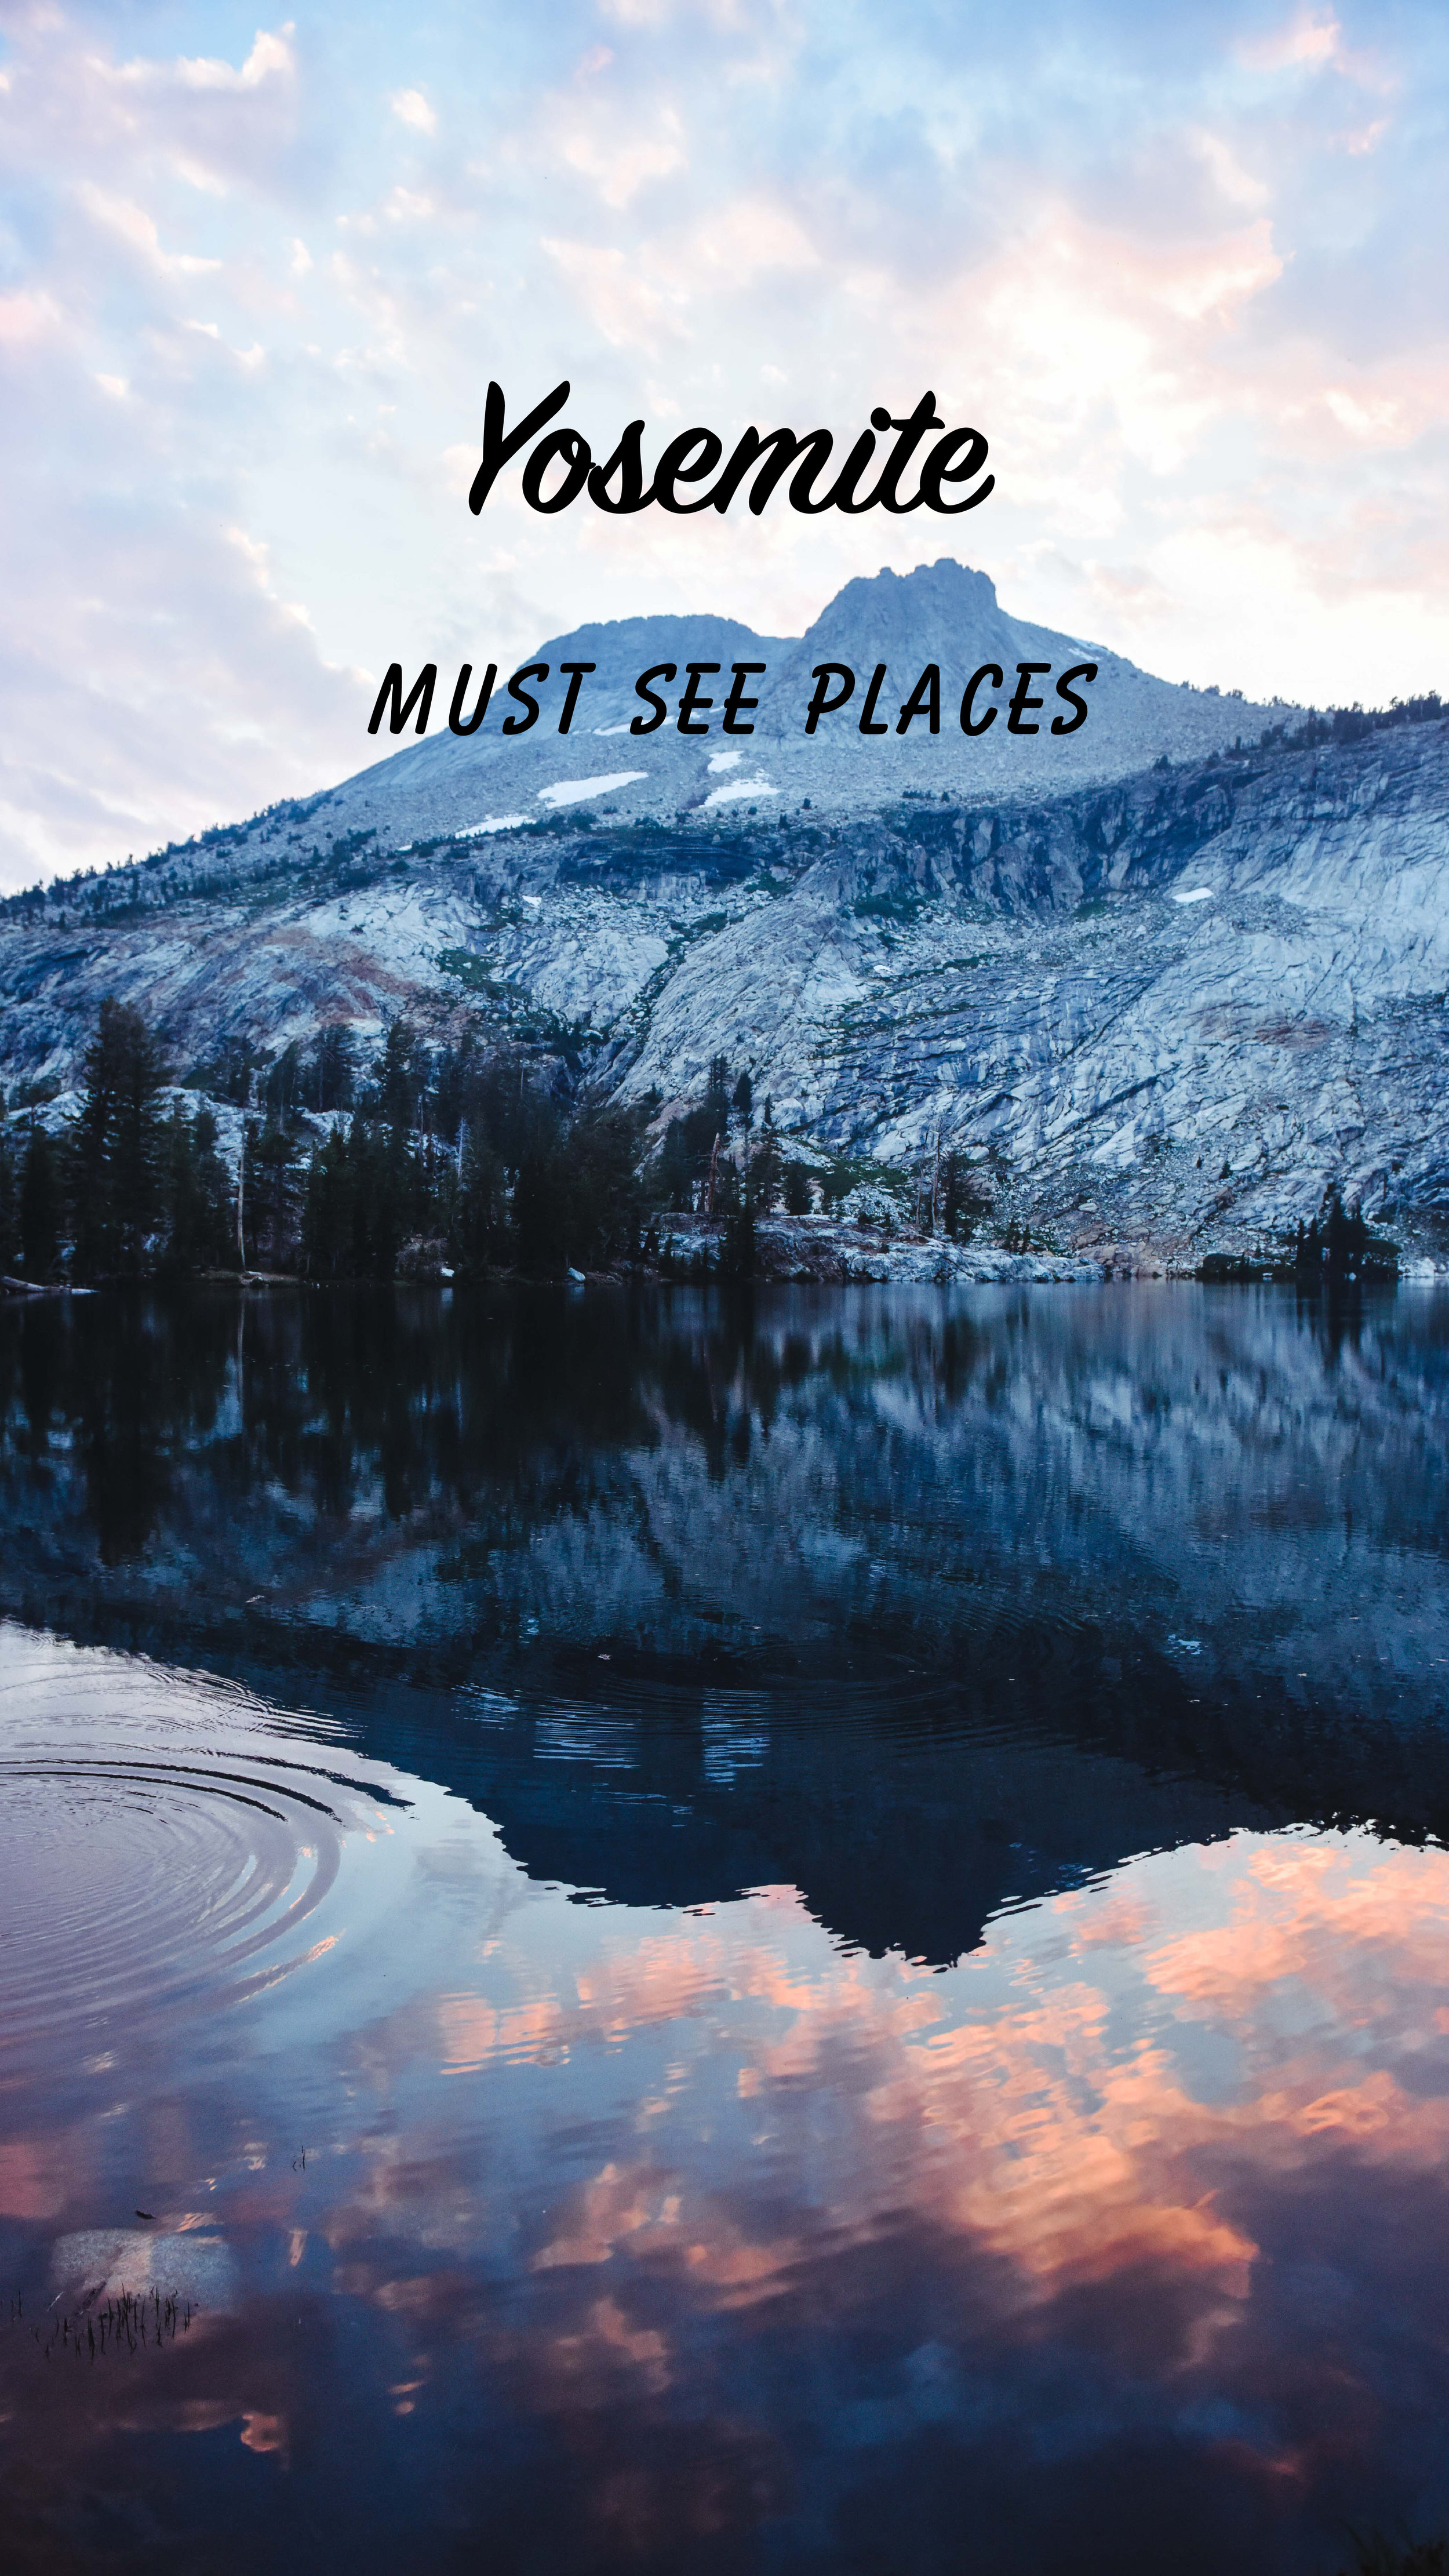 Yosemite must see.jpg